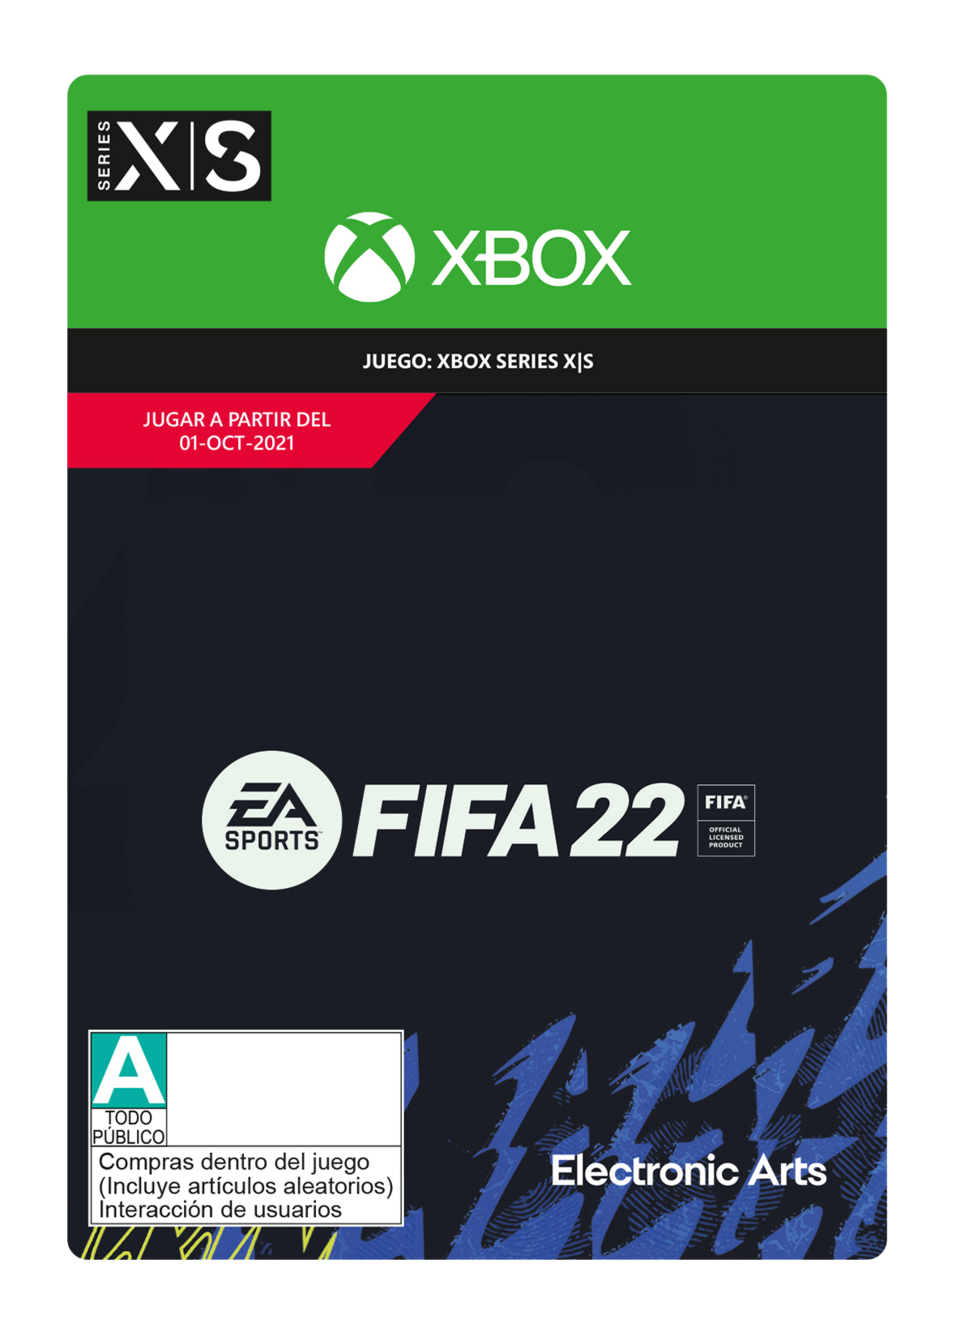 FIFA 22: Standard Edition - Xbox Series X S - Pre-Purchase